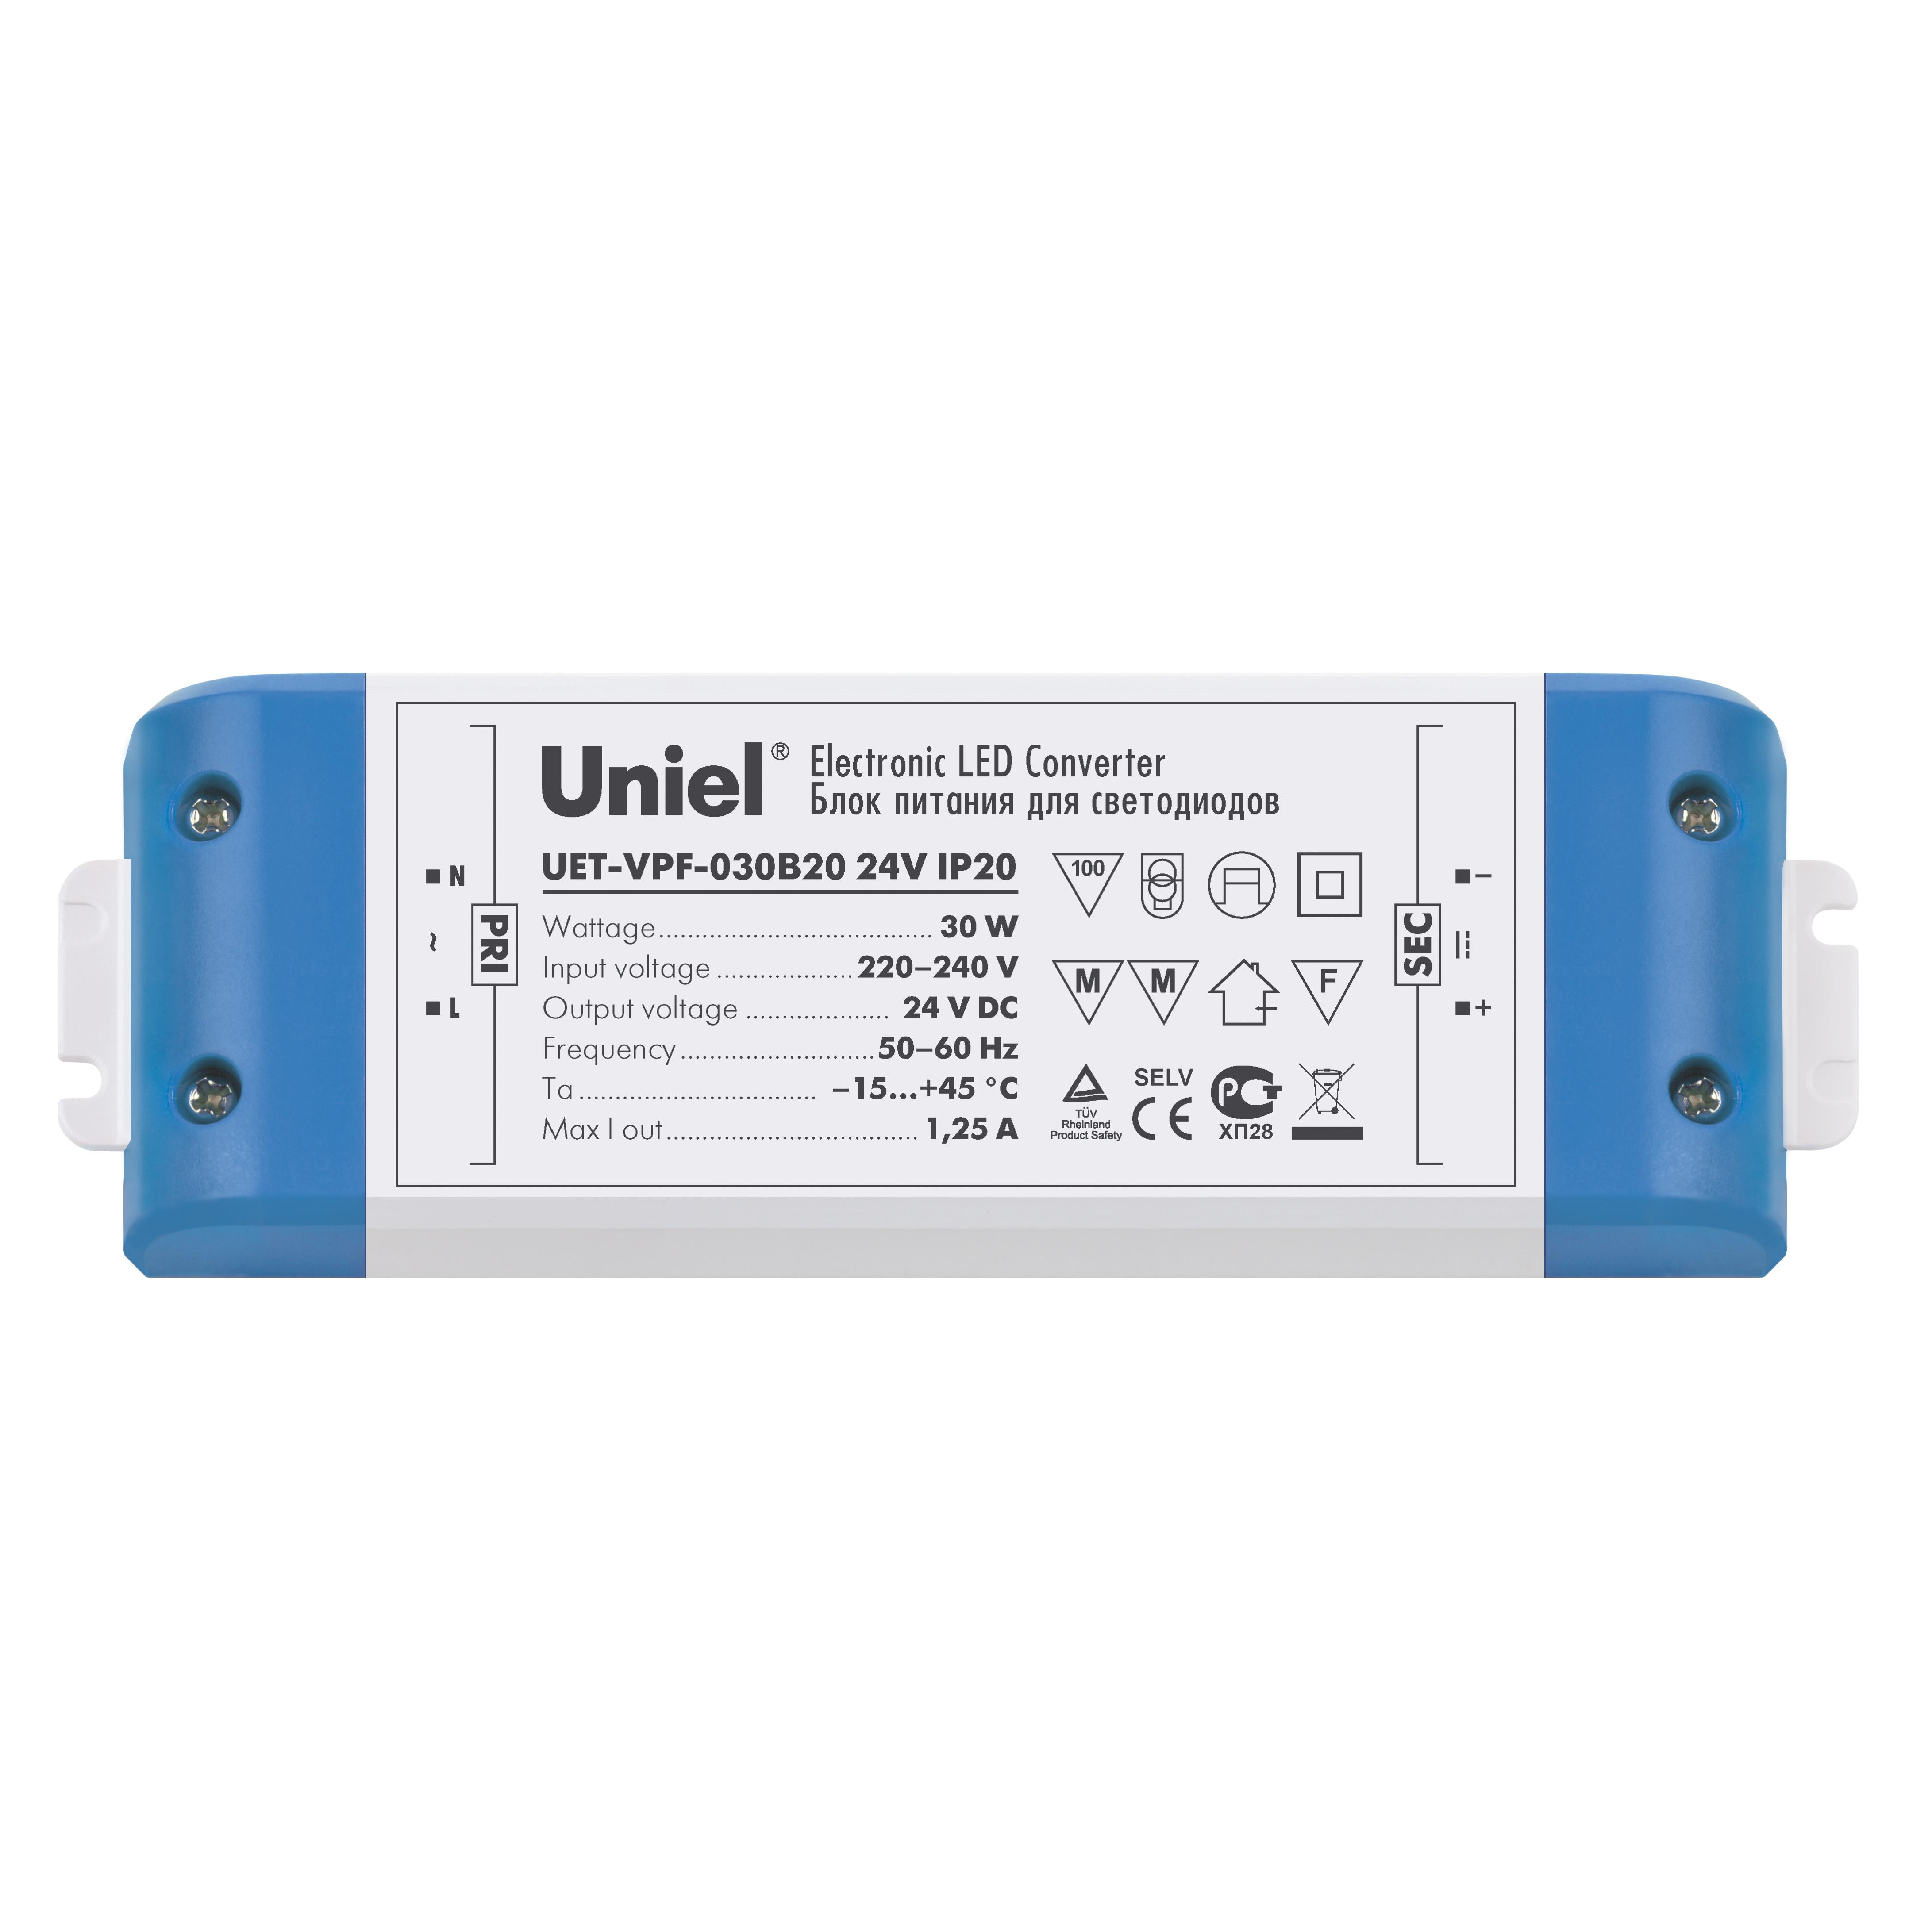 Блок питания Uniel Uet-vpf-030b20